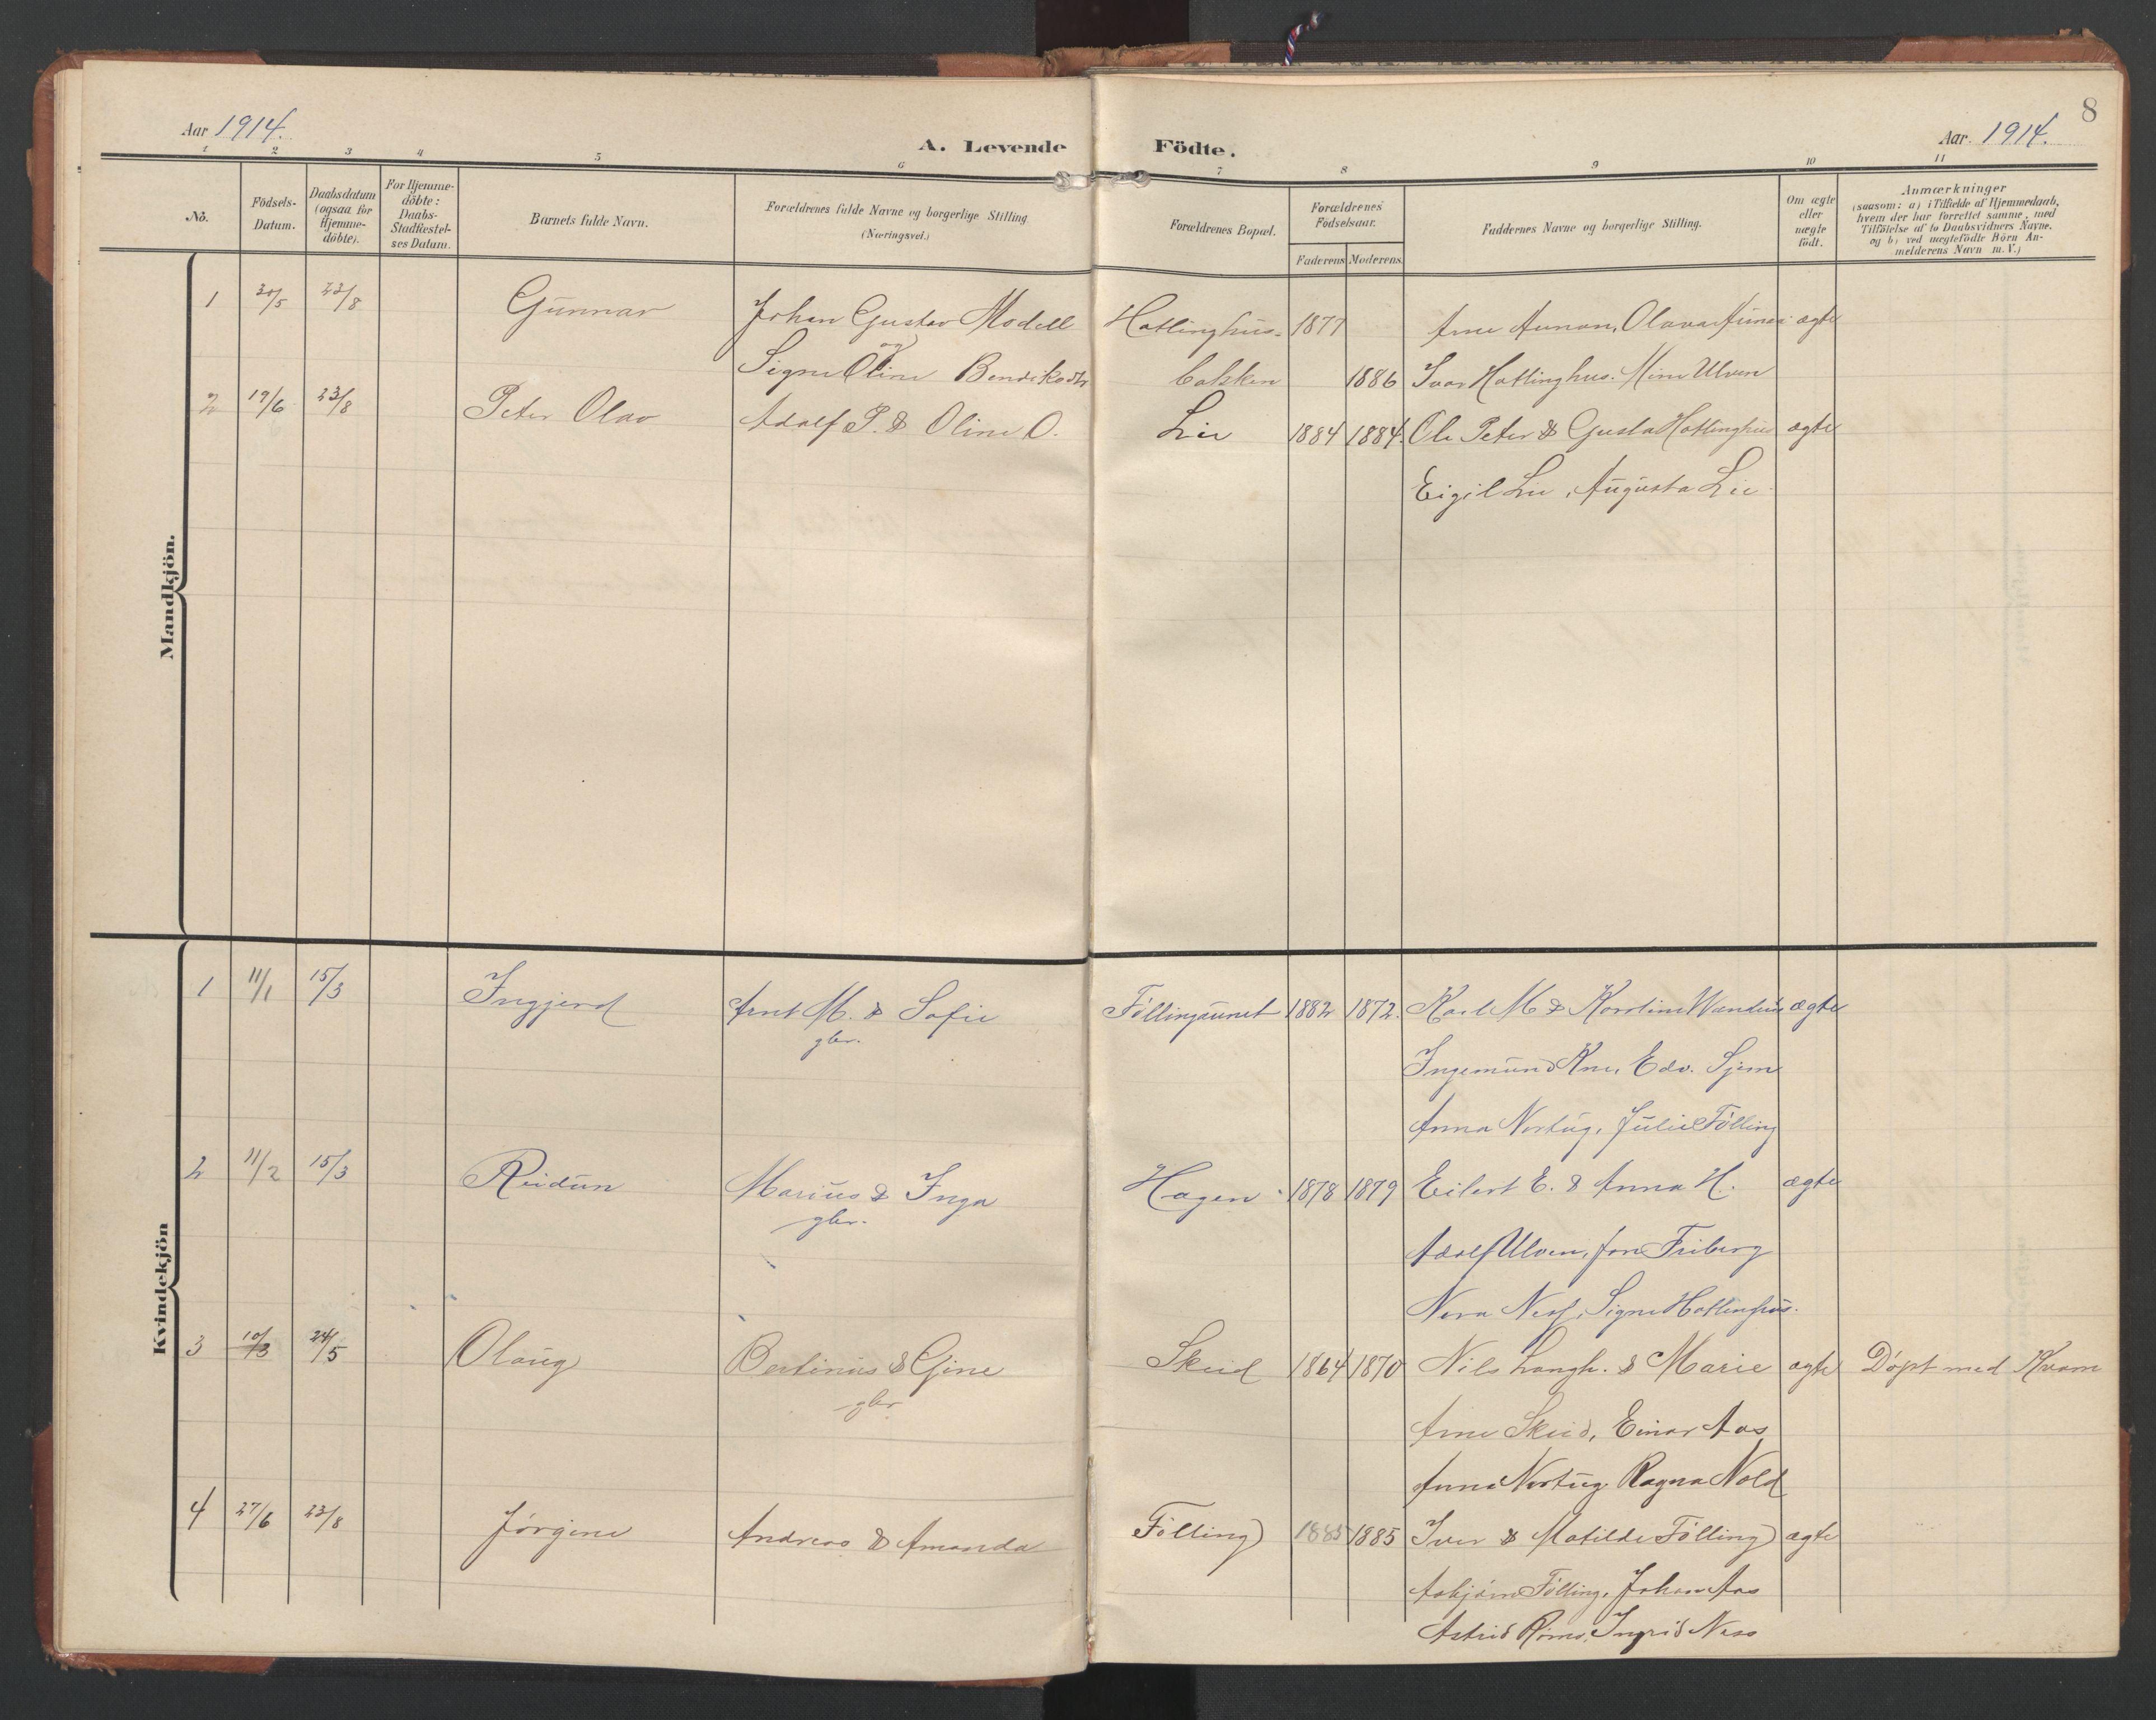 SAT, Ministerialprotokoller, klokkerbøker og fødselsregistre - Nord-Trøndelag, 748/L0465: Klokkerbok nr. 748C01, 1908-1960, s. 8